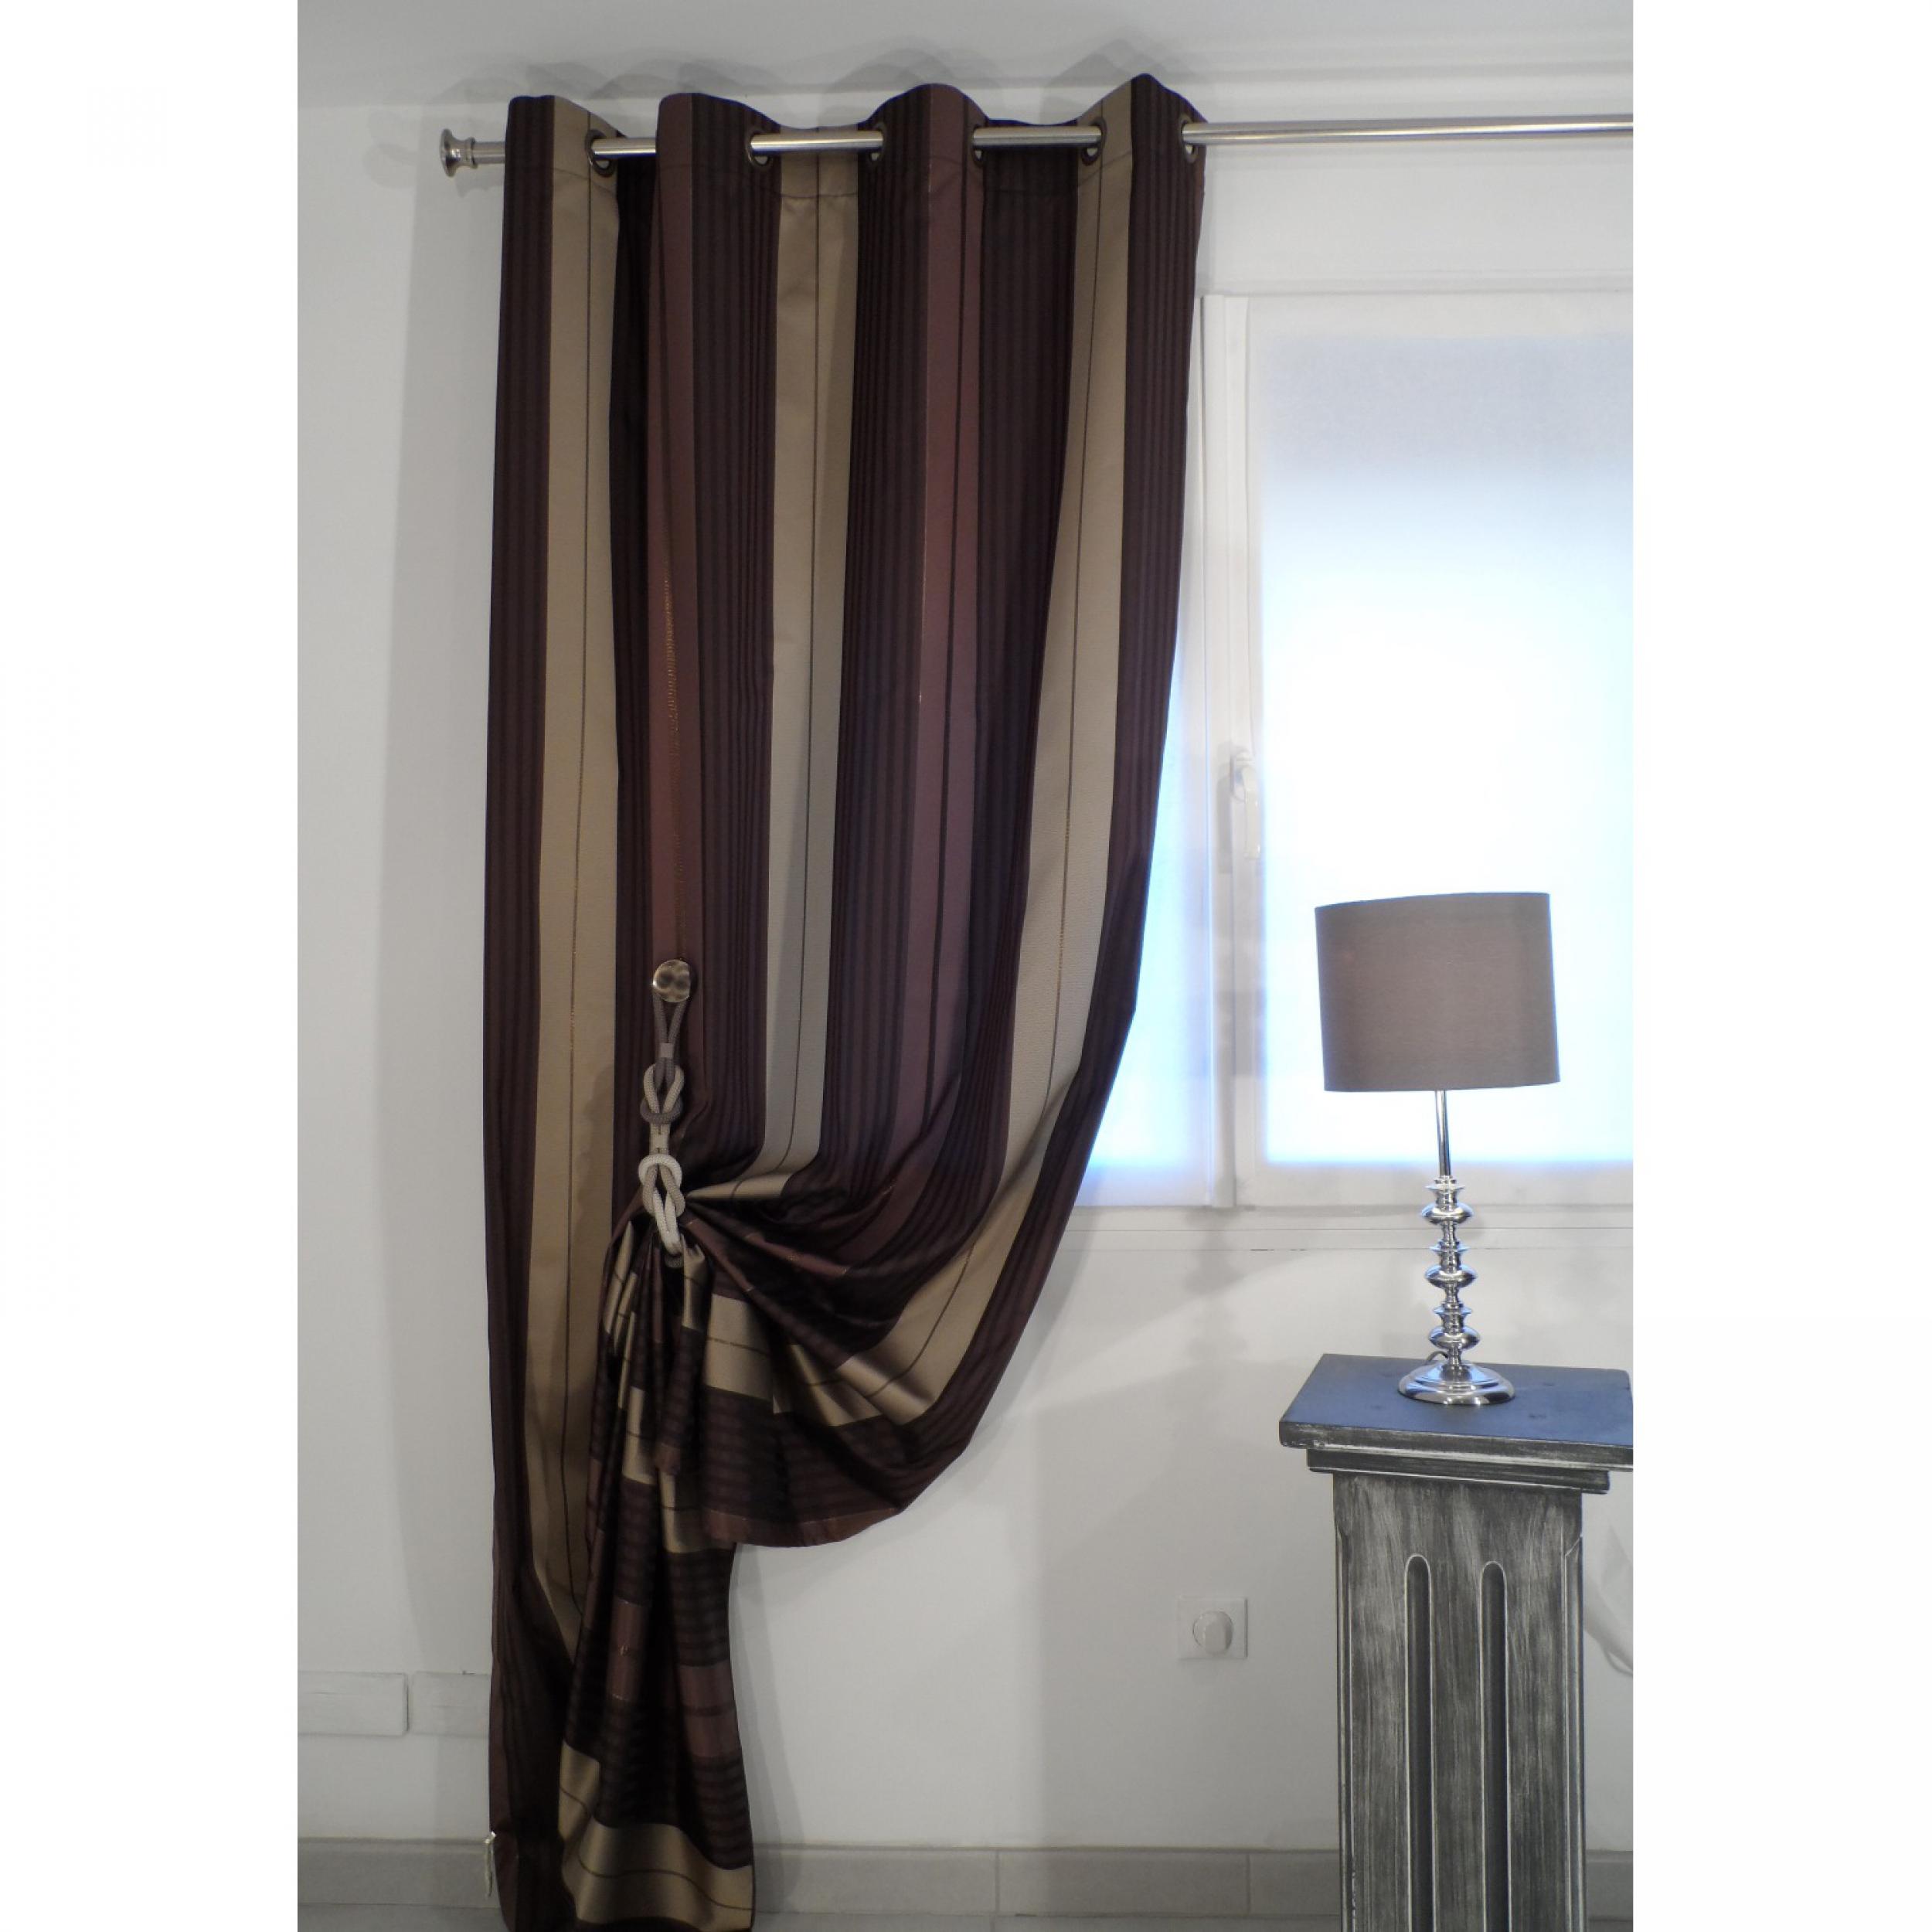 embrasse pour rideaux pas cher stunning embrasse rideau design dedans rideau velour noir achat. Black Bedroom Furniture Sets. Home Design Ideas